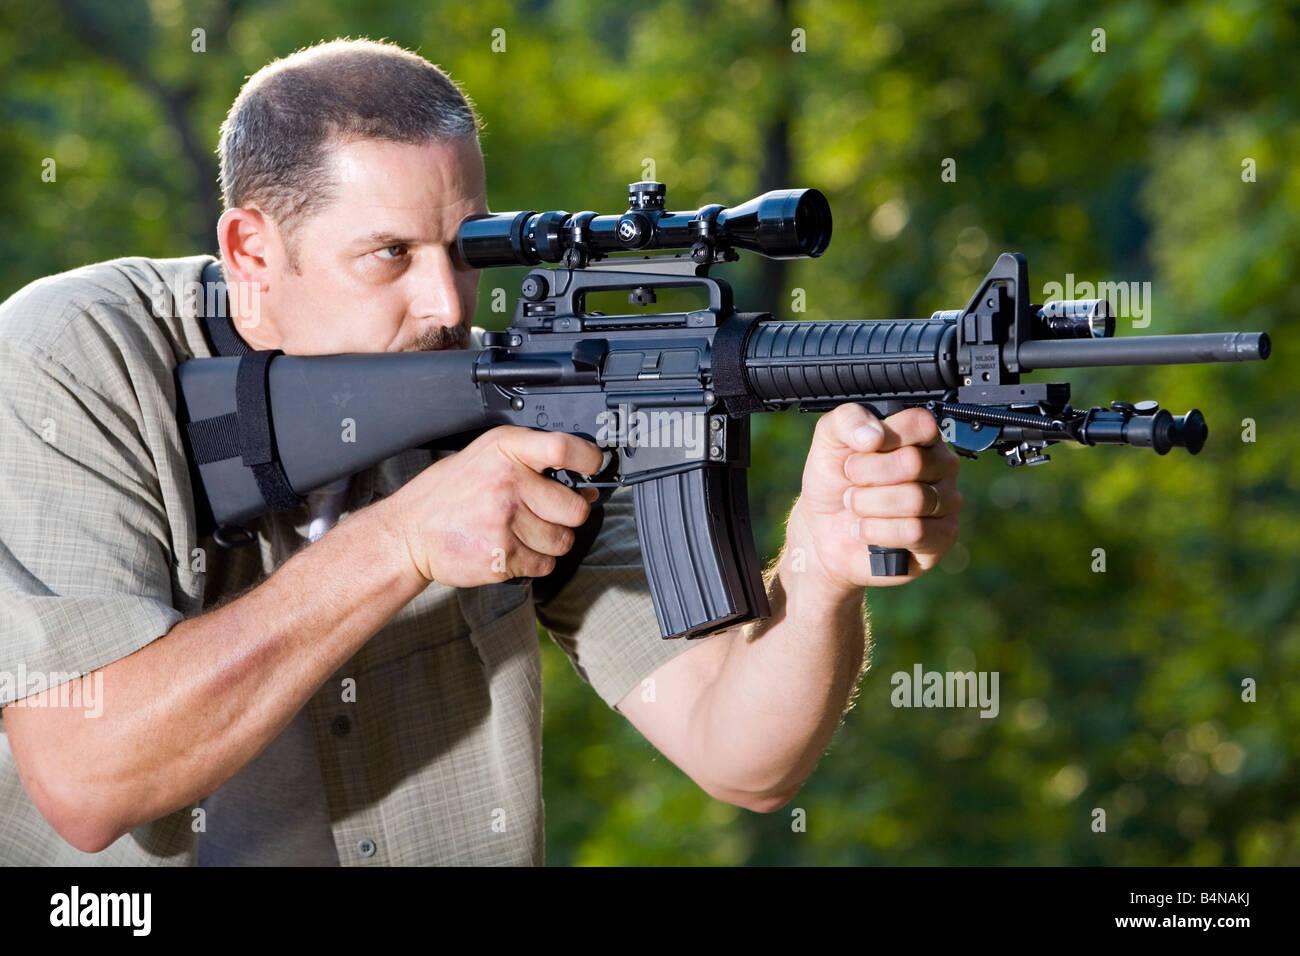 A man aims an AR 15 Bushmaster rifle Stock Photo: 20138374 - Alamy